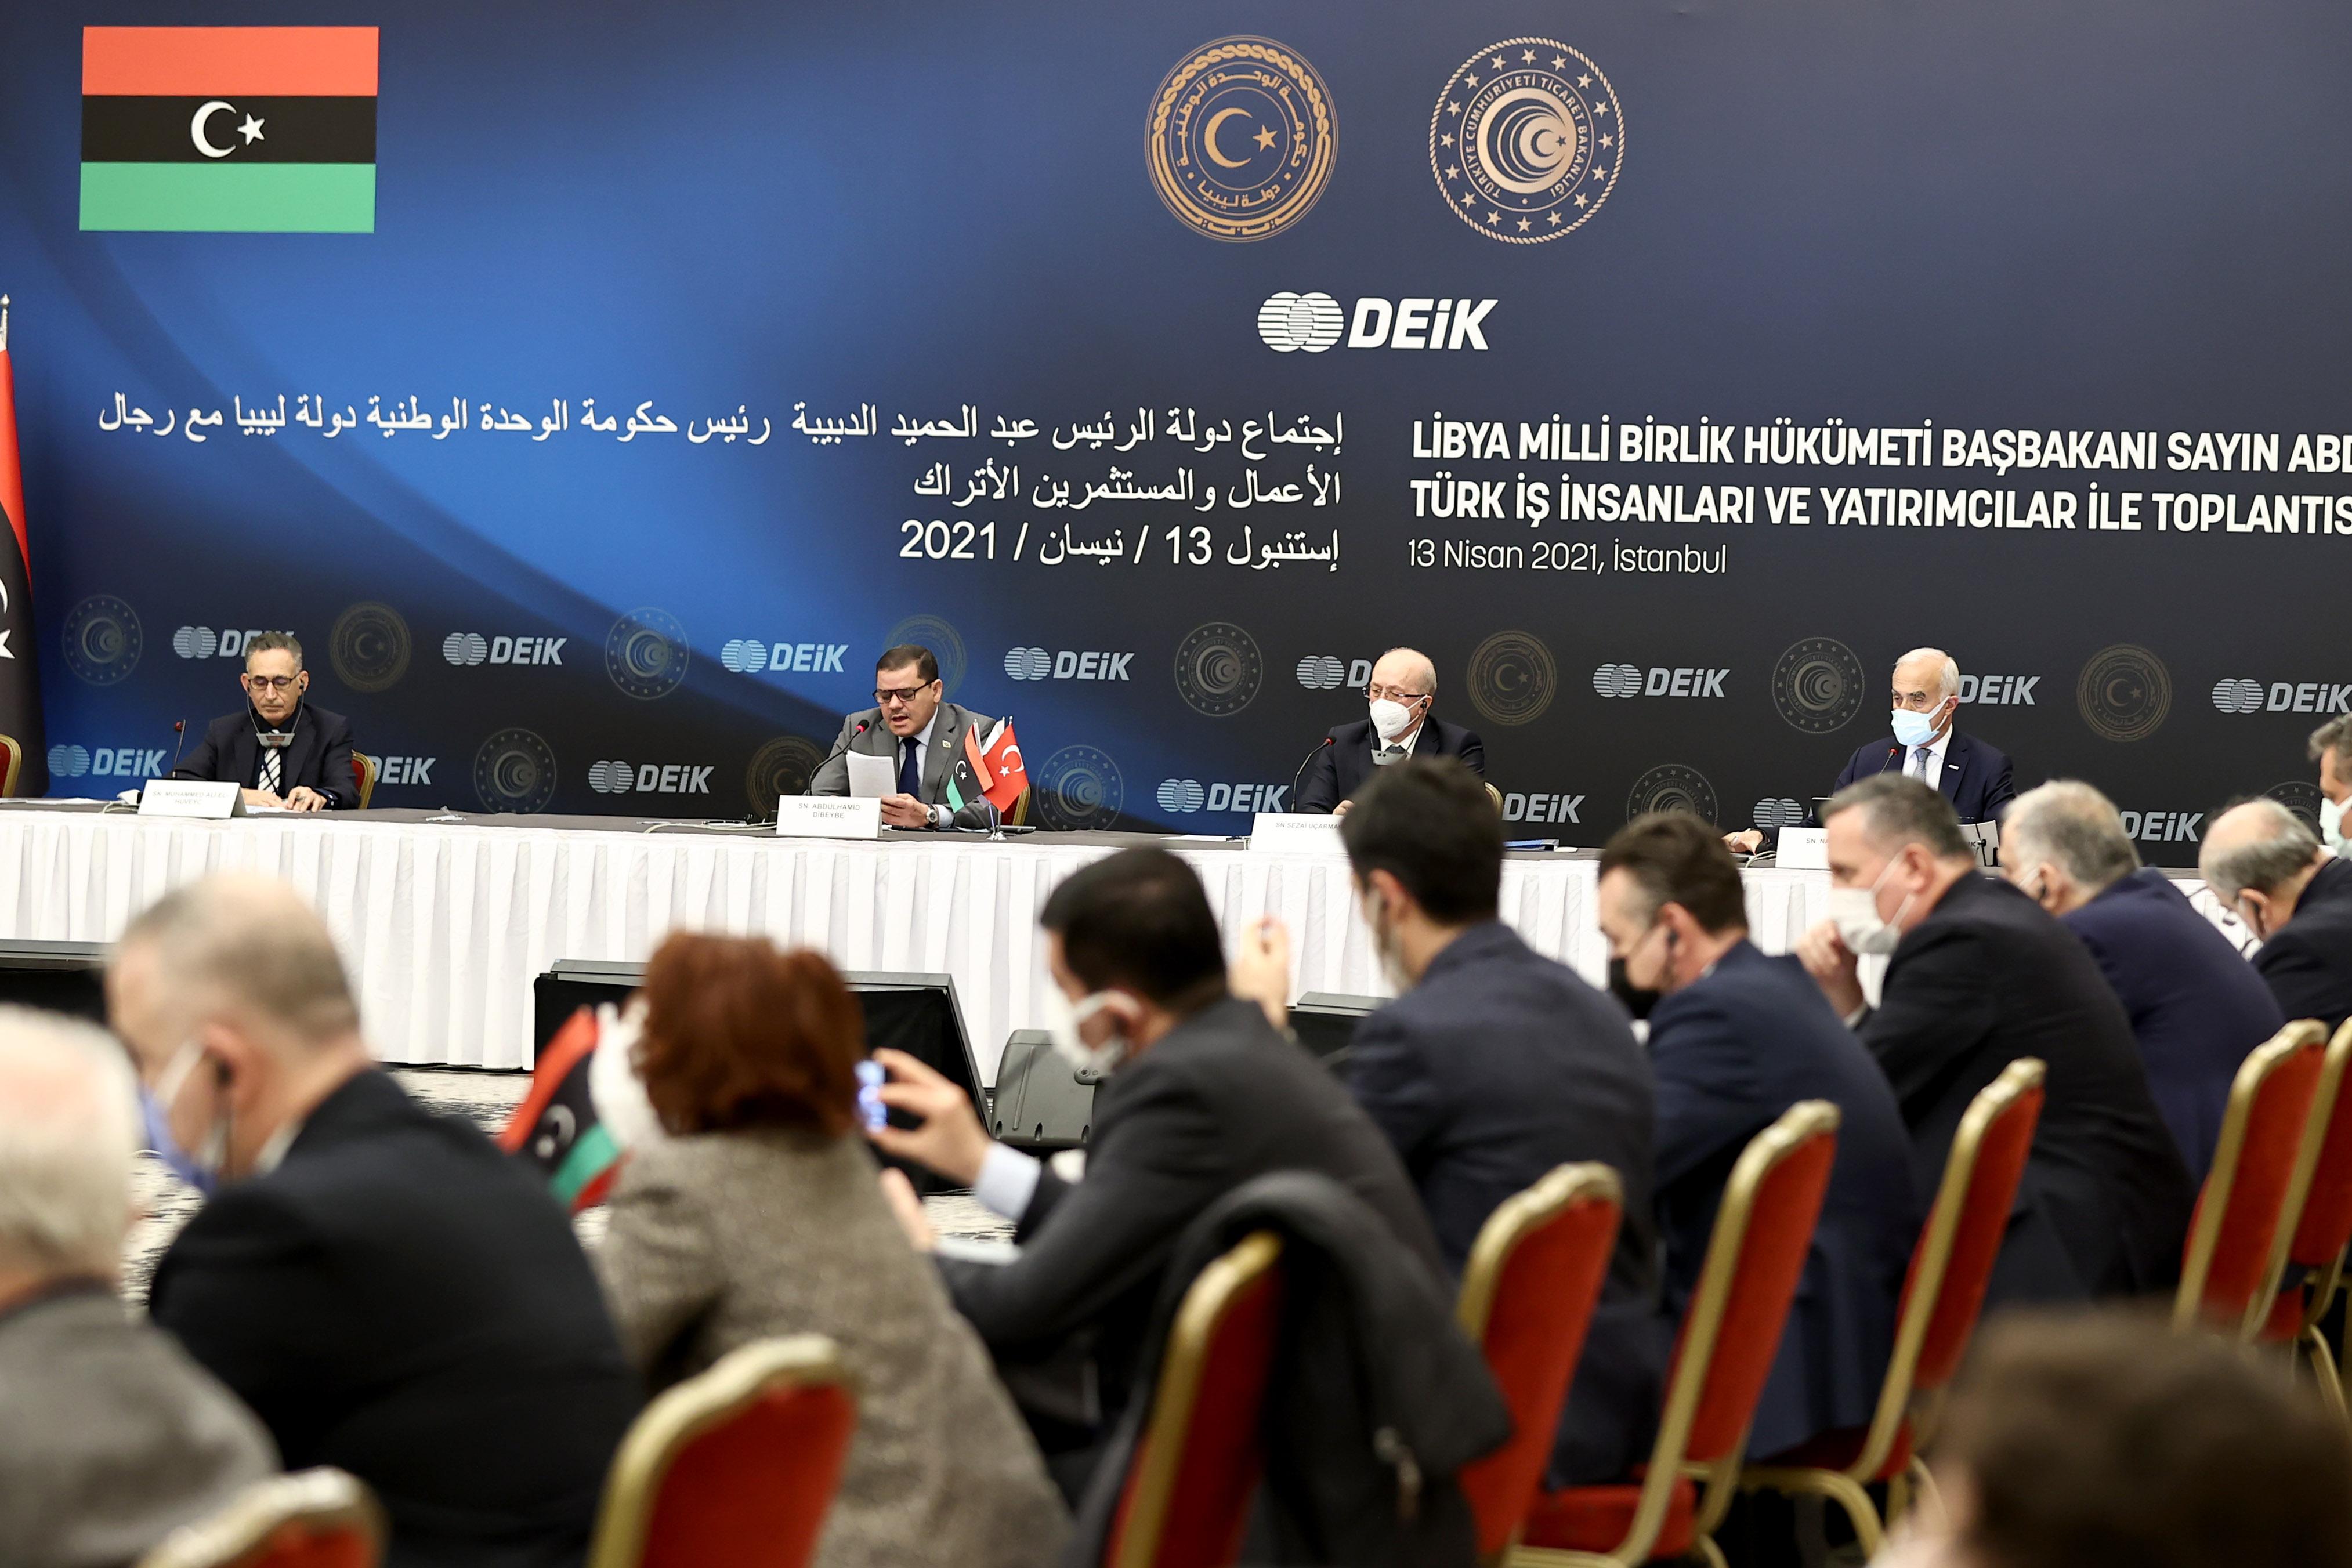 Libya Başbakanı Dibeybe, Türk iş insanlarıyla İstanbul'da yuvarlak masa toplantısında buluştu